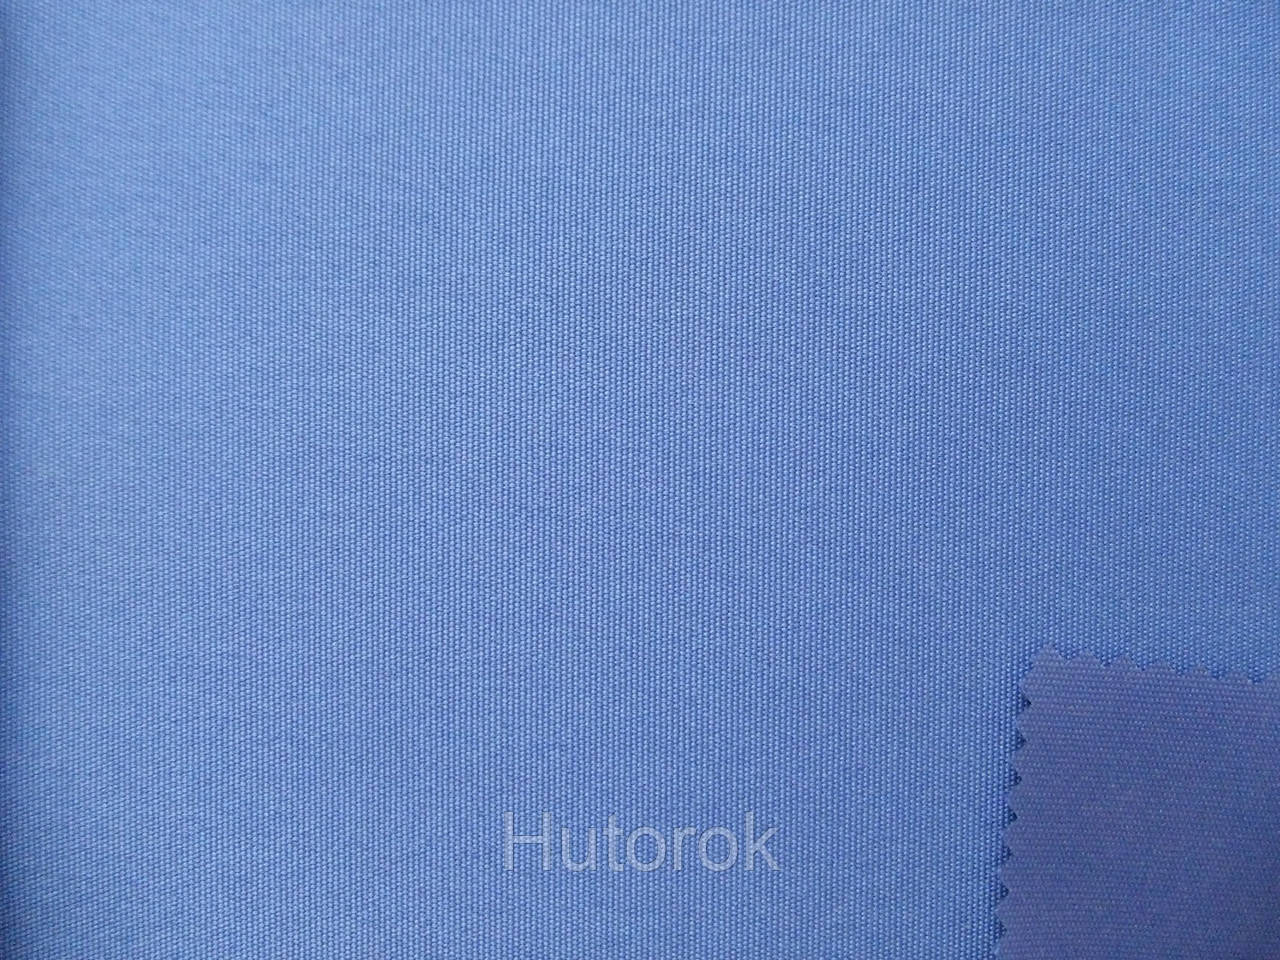 Ткань ПАЛАТОЧНАЯ ТКАНЬ ПУ (D 600) ЦВЕТ ЭЛЕКТРИК